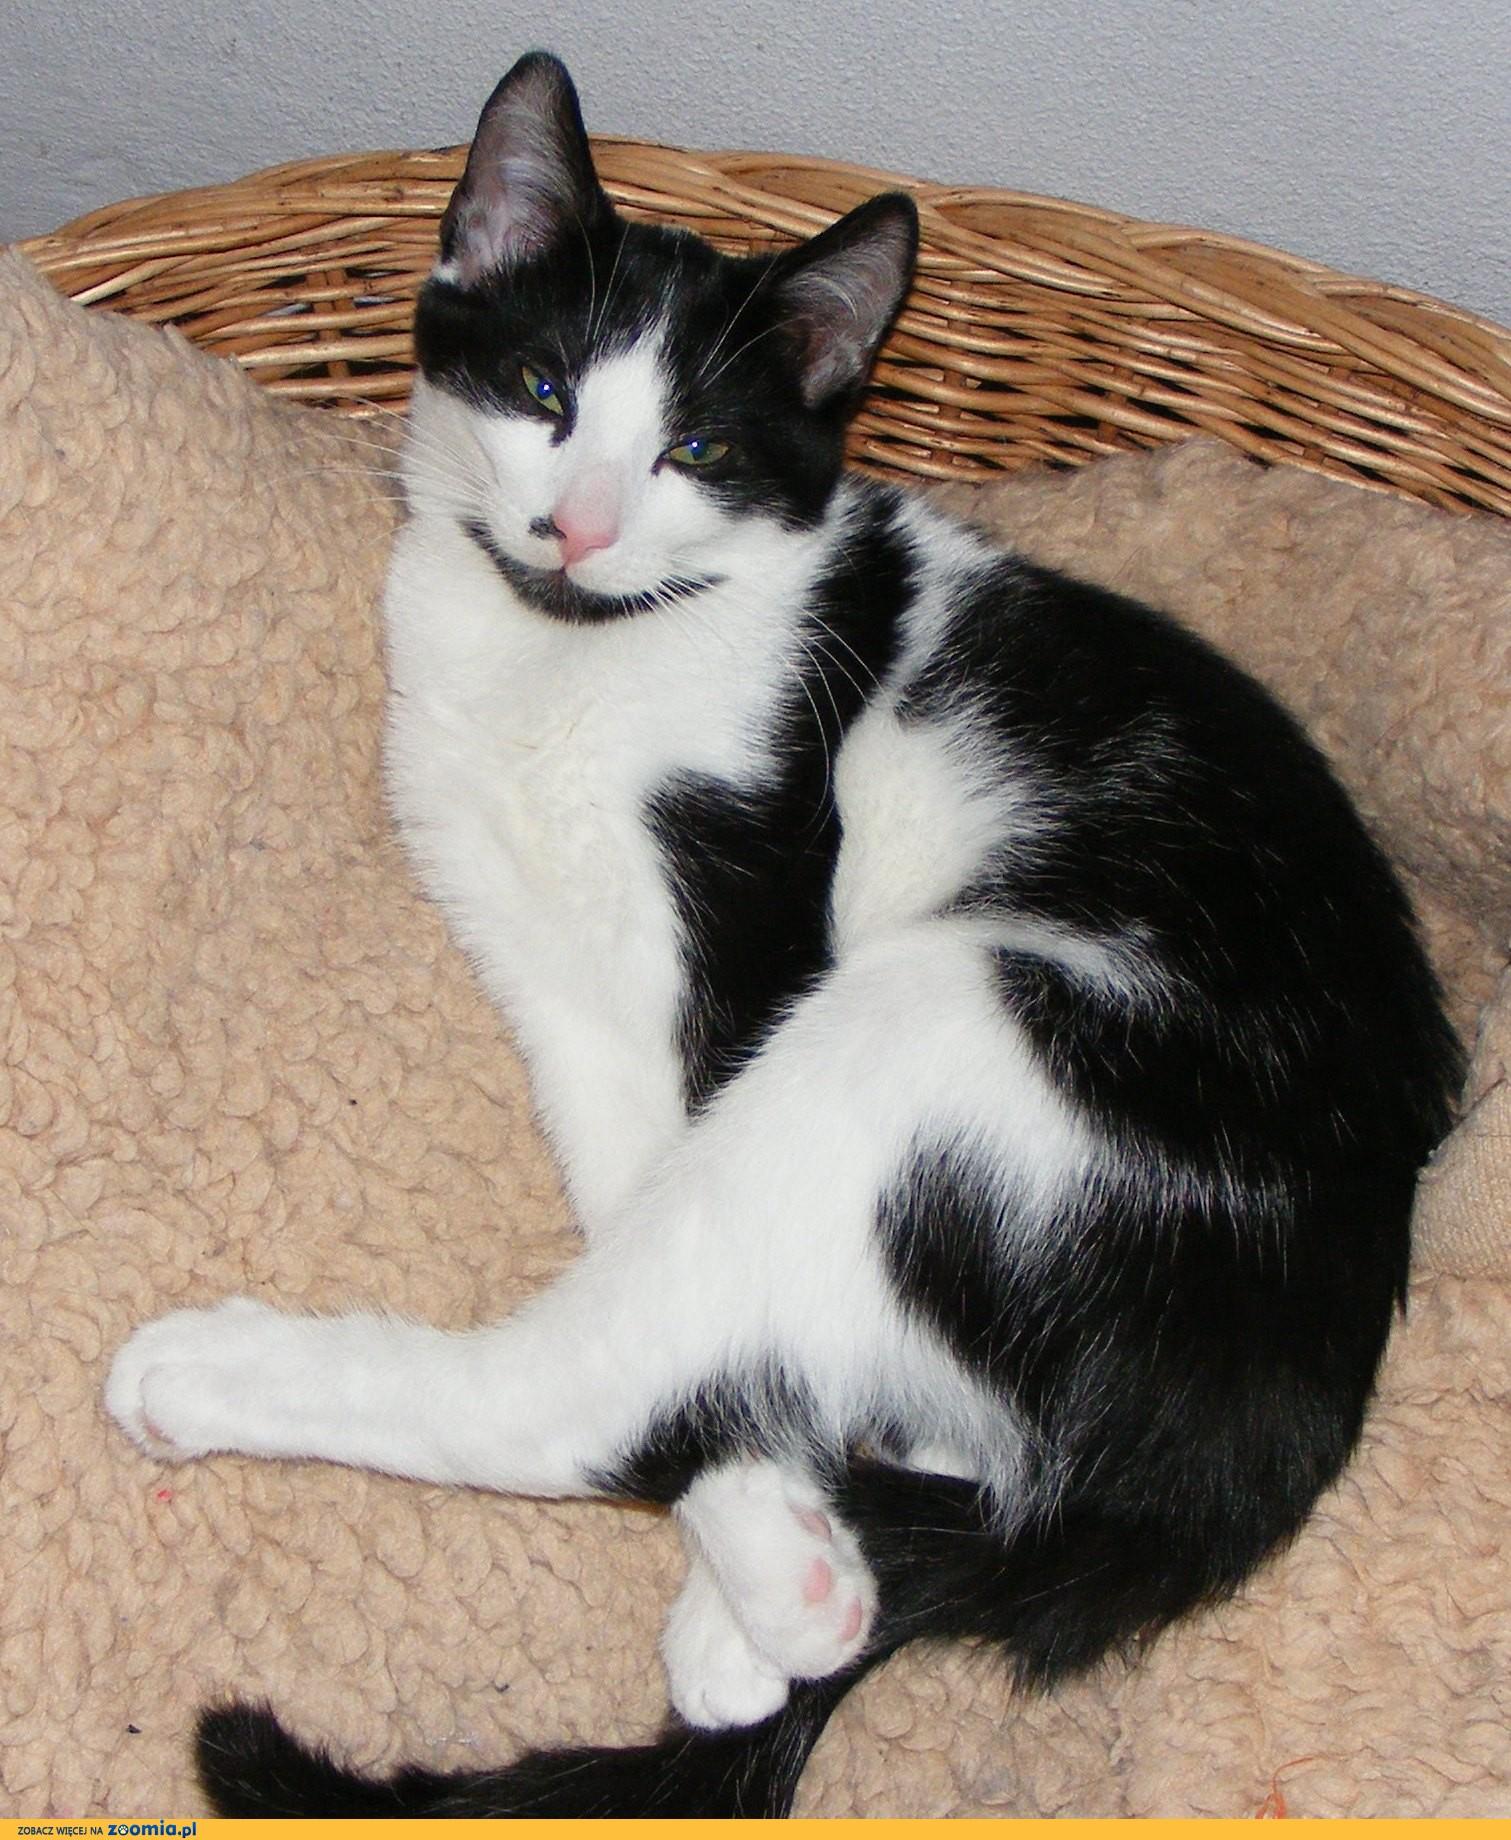 Ogłoszenia Oddam Psa Oddam Kota Pies I Kot Szuka Kochających